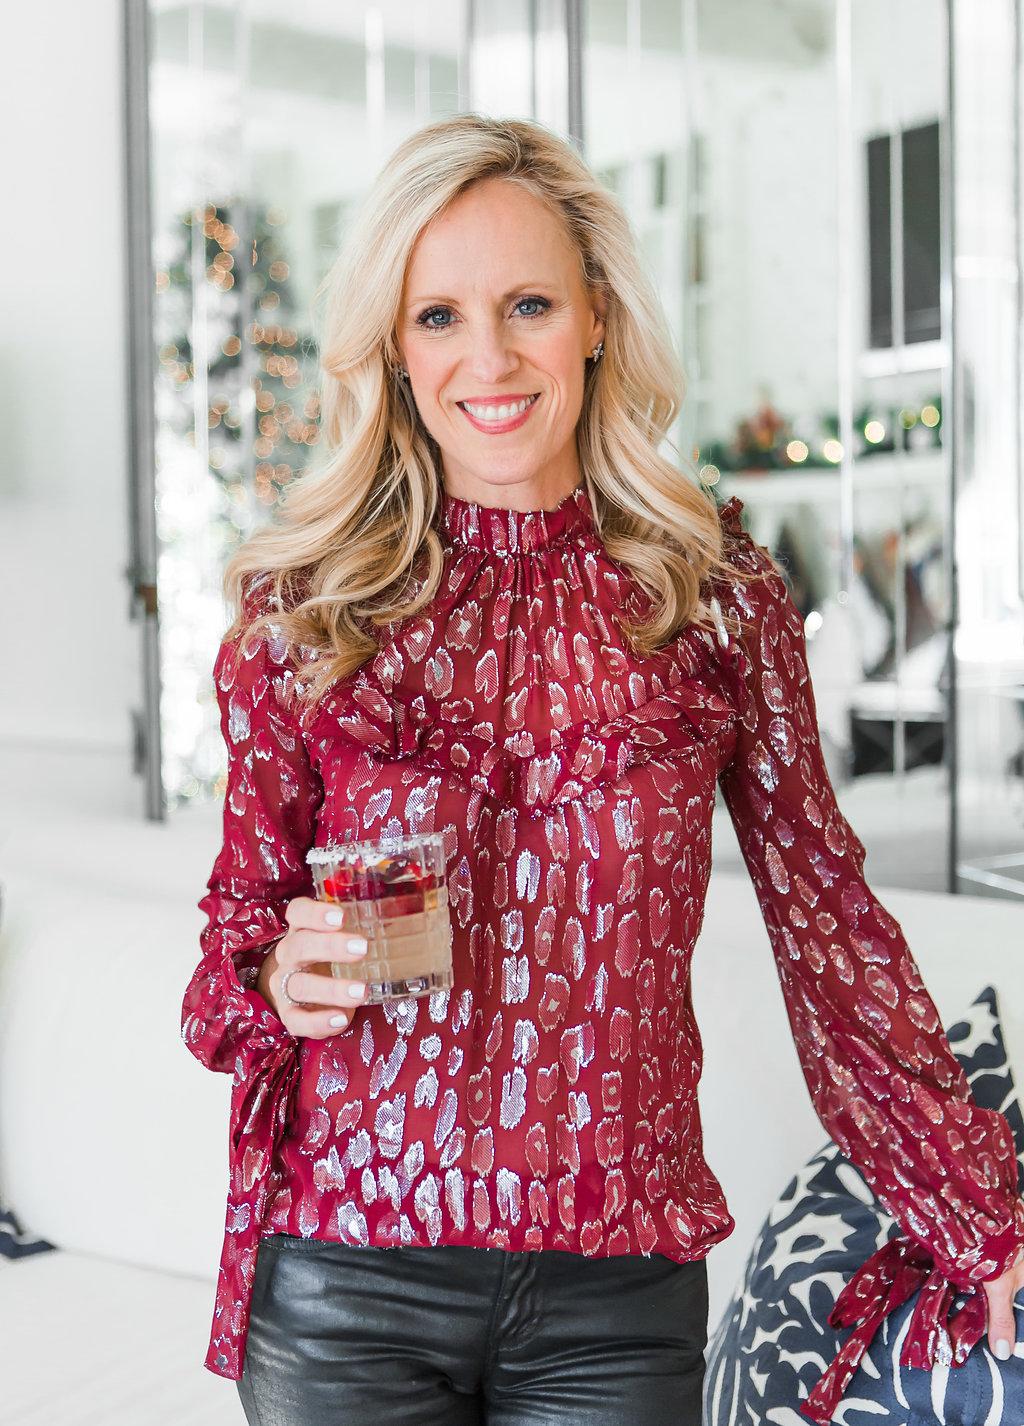 Alicia Wood, Dallas Lifestyle Blogger, Dallas Fashion Blogger, Jose Cuervo Golden Margarita